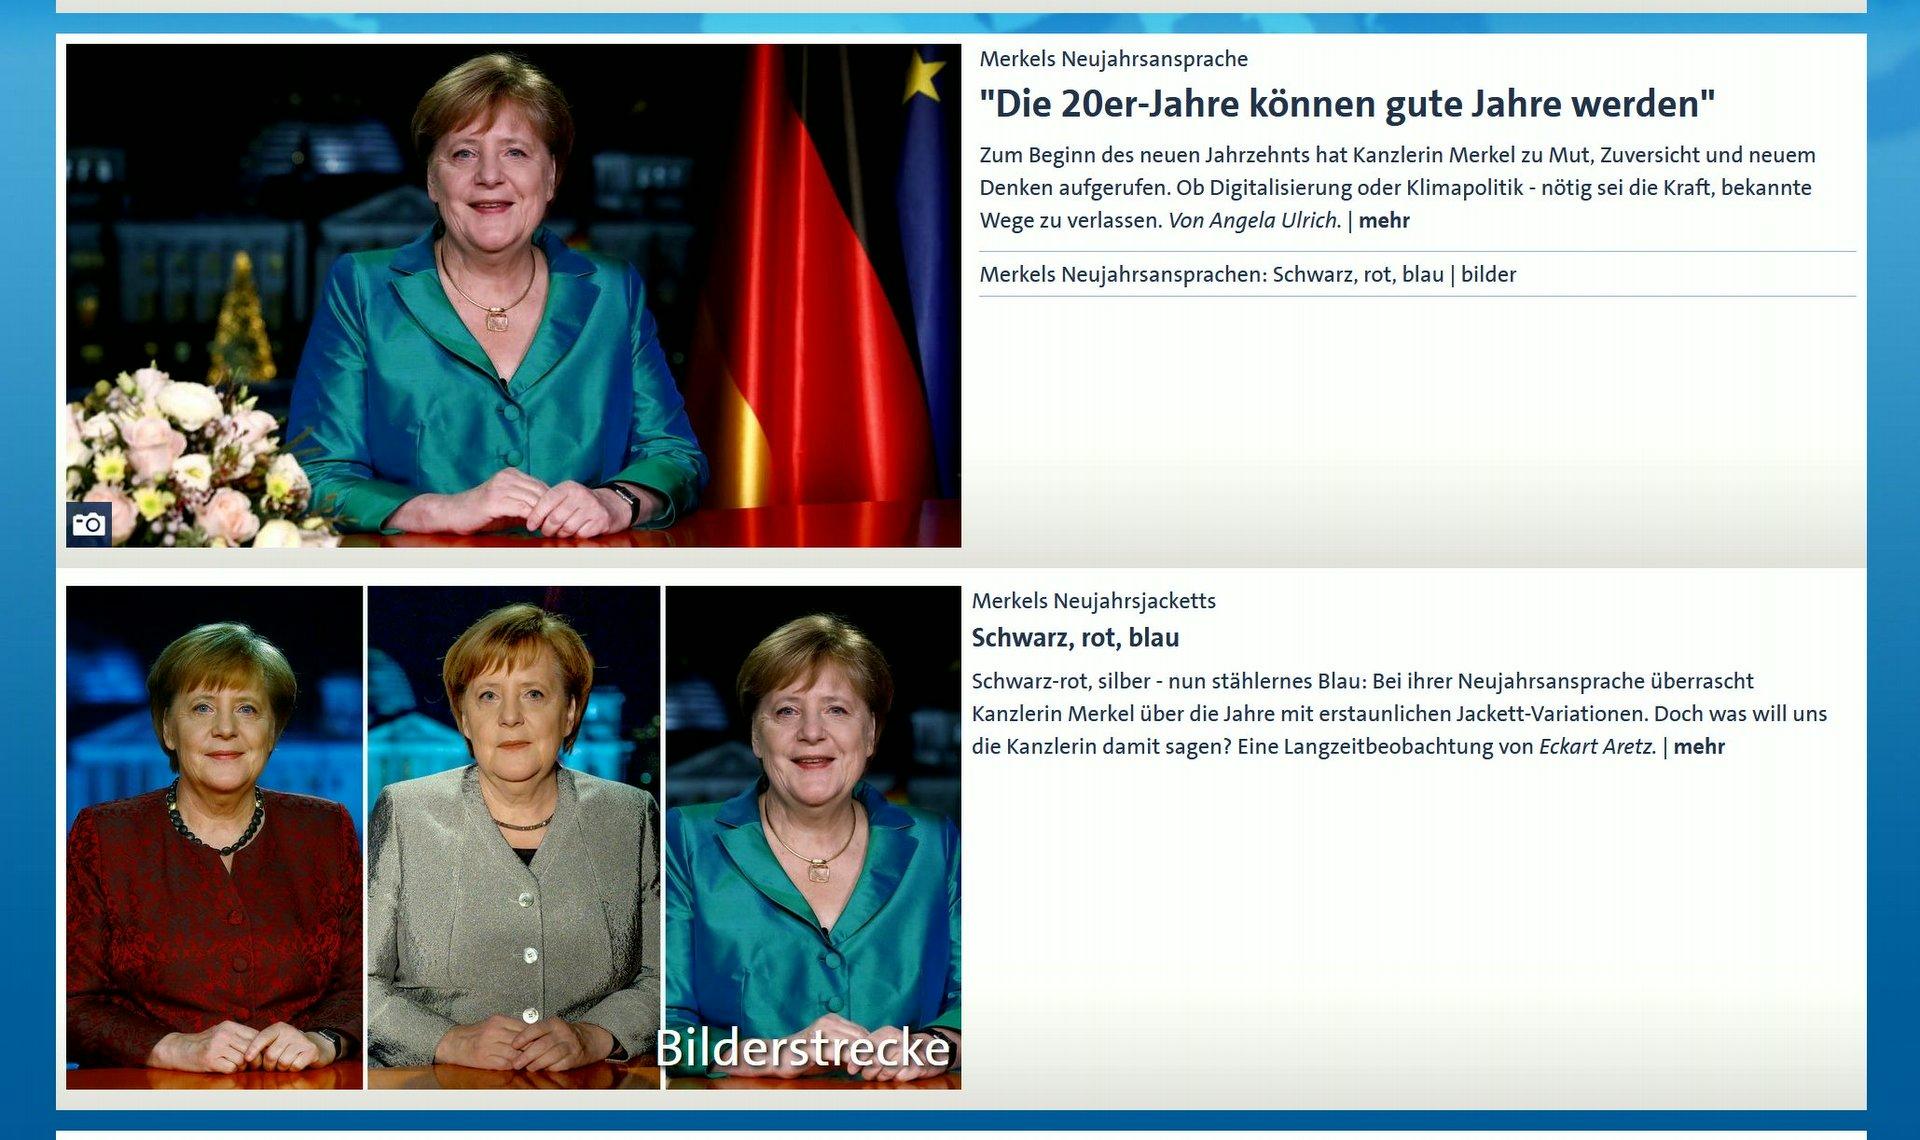 www.tagesschau.de am 31.12.2019 um 12:40